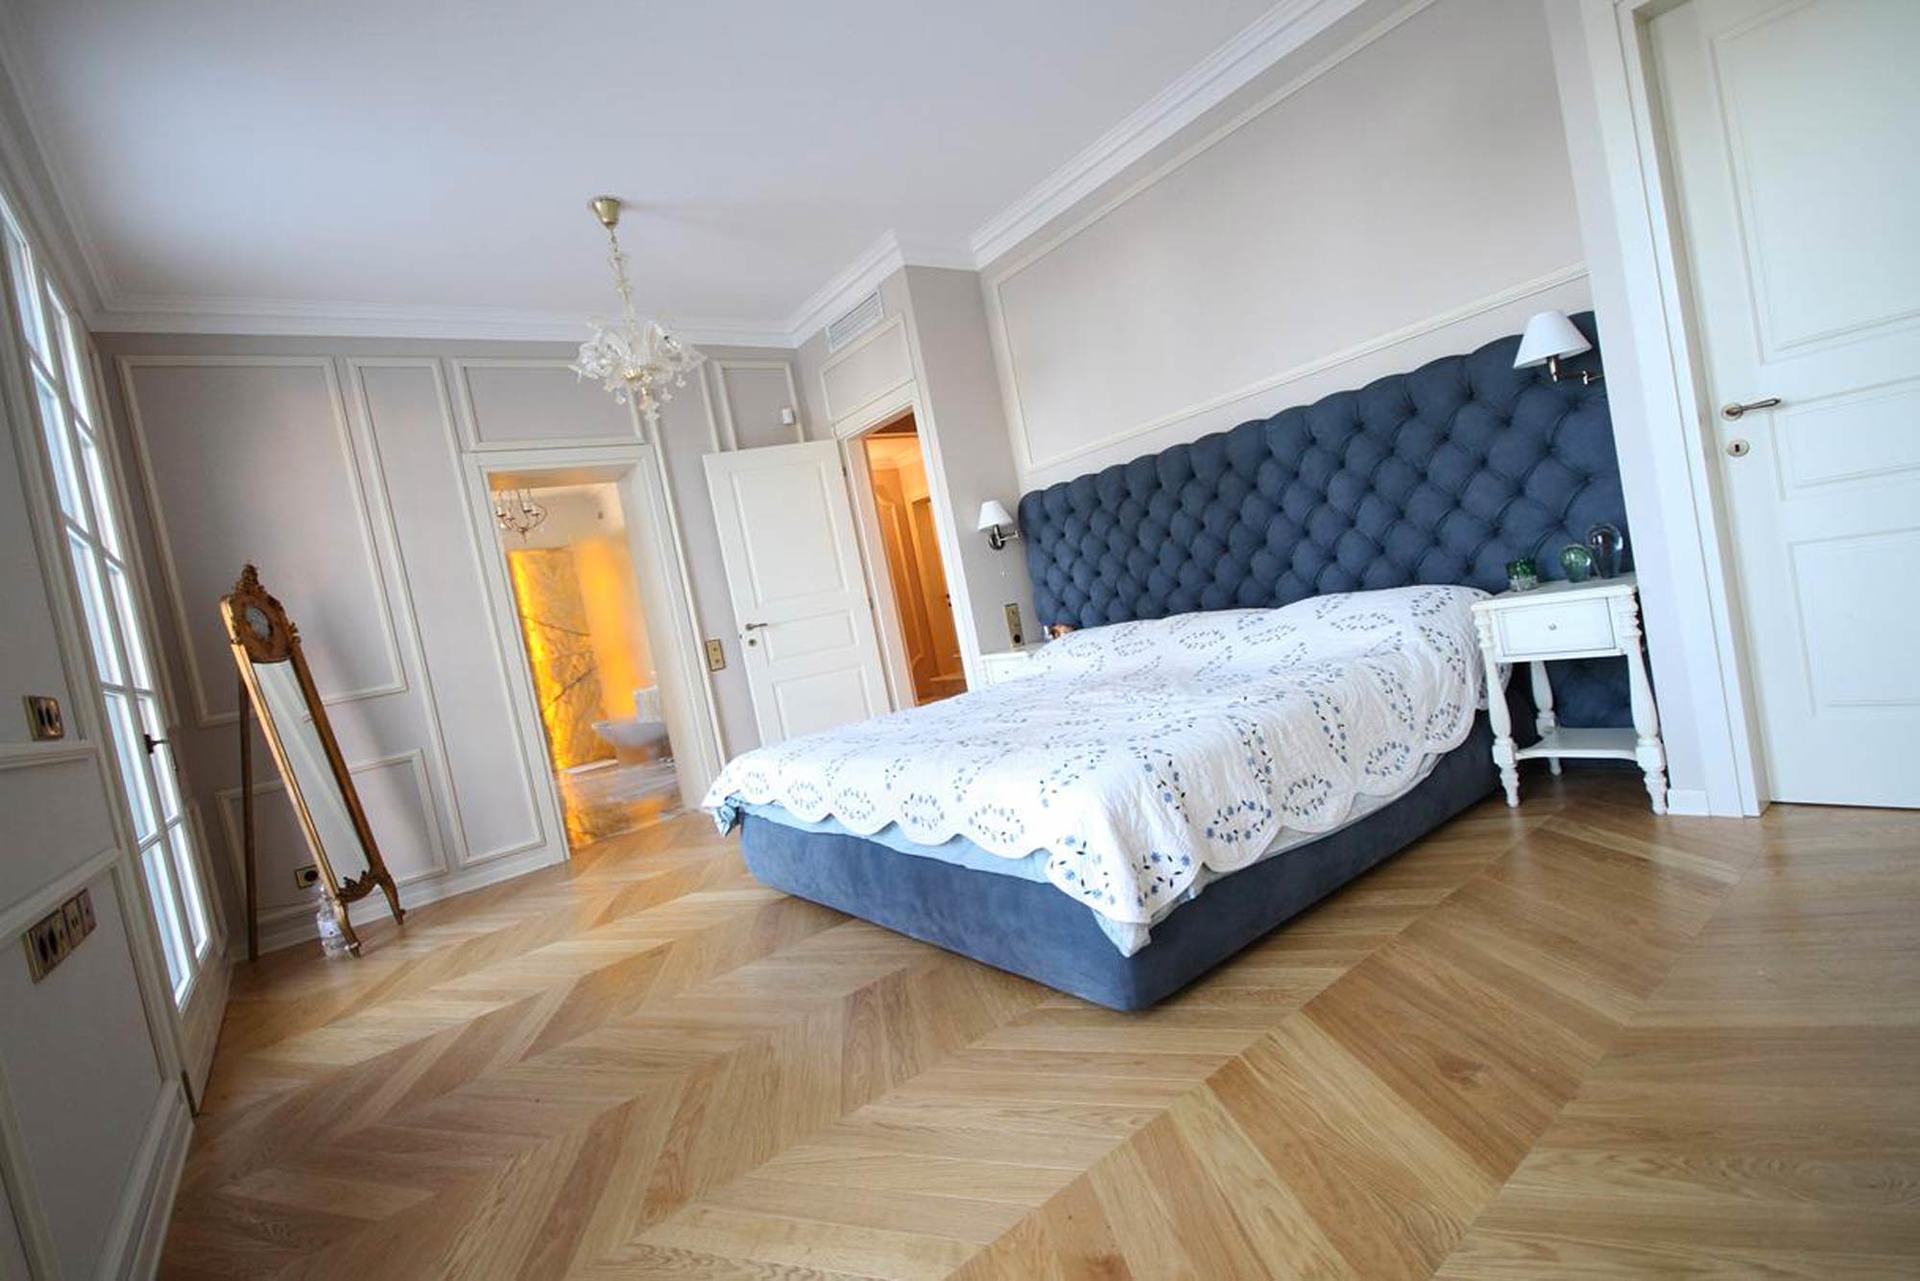 vista angolare di una camera da letto con pavimento in parquet